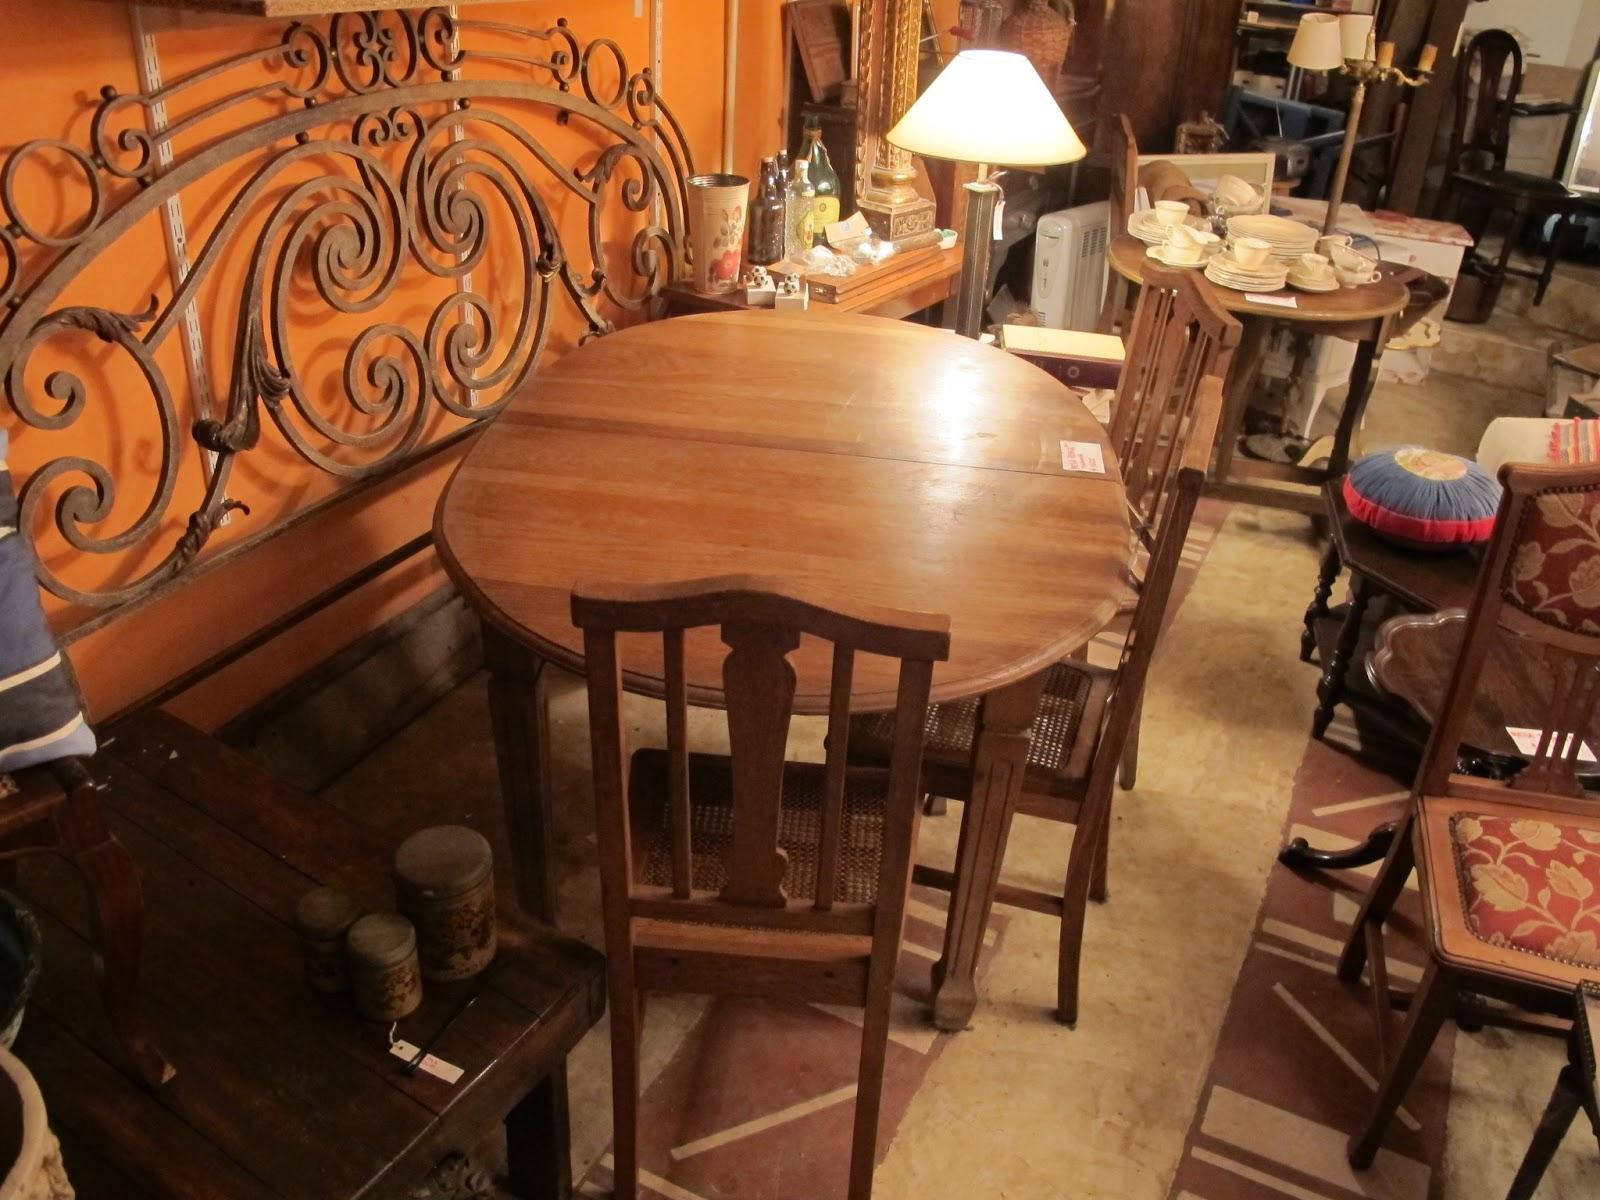 La guardilla flea market style muebles comedor for Sillas roble para comedor